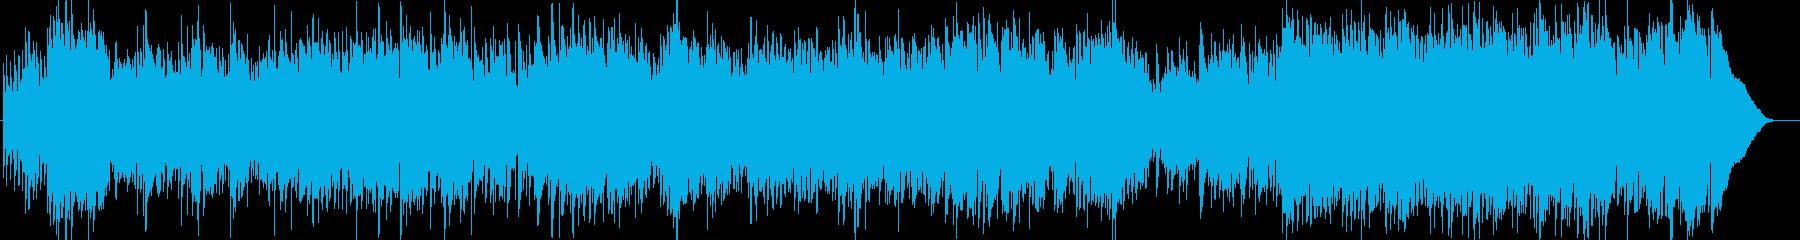 軽やかなオープニングテーマに相応しい曲…の再生済みの波形